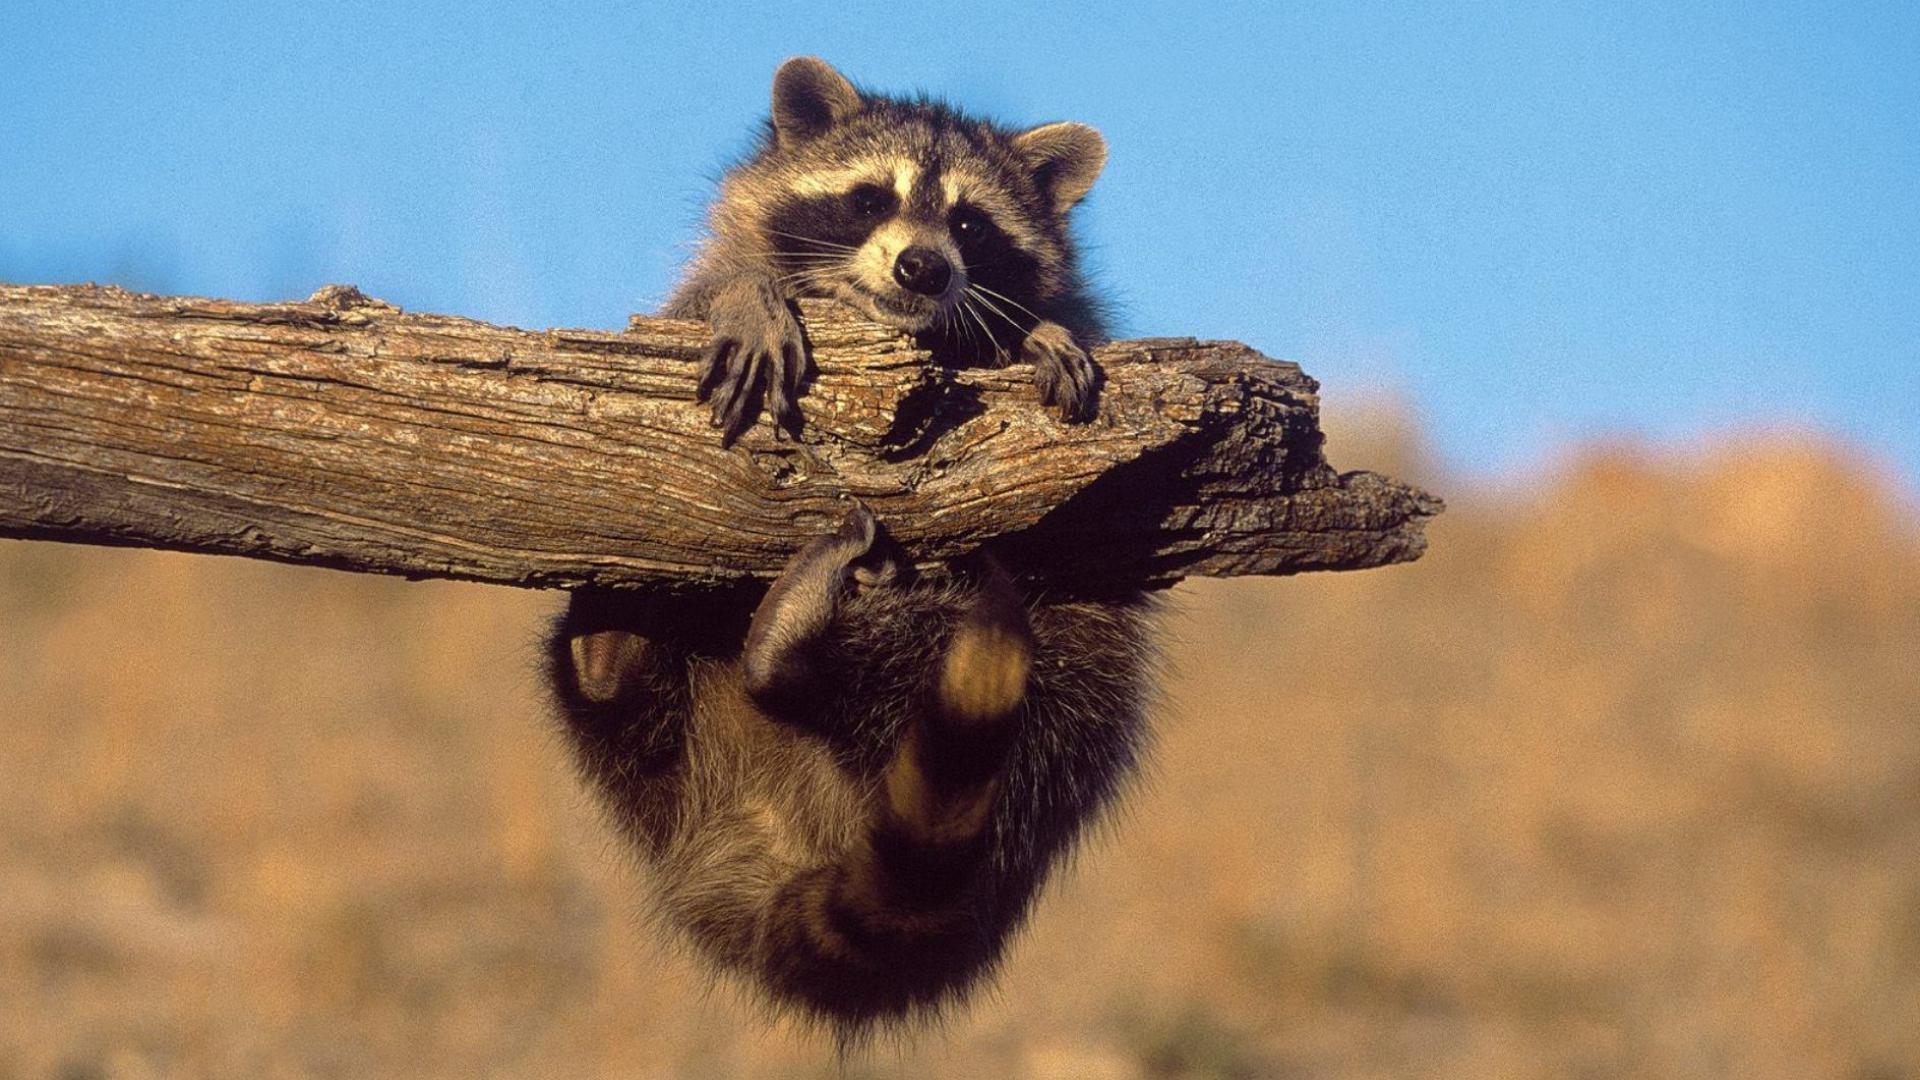 32353 Hintergrundbild herunterladen Tiere, Waschbären - Bildschirmschoner und Bilder kostenlos